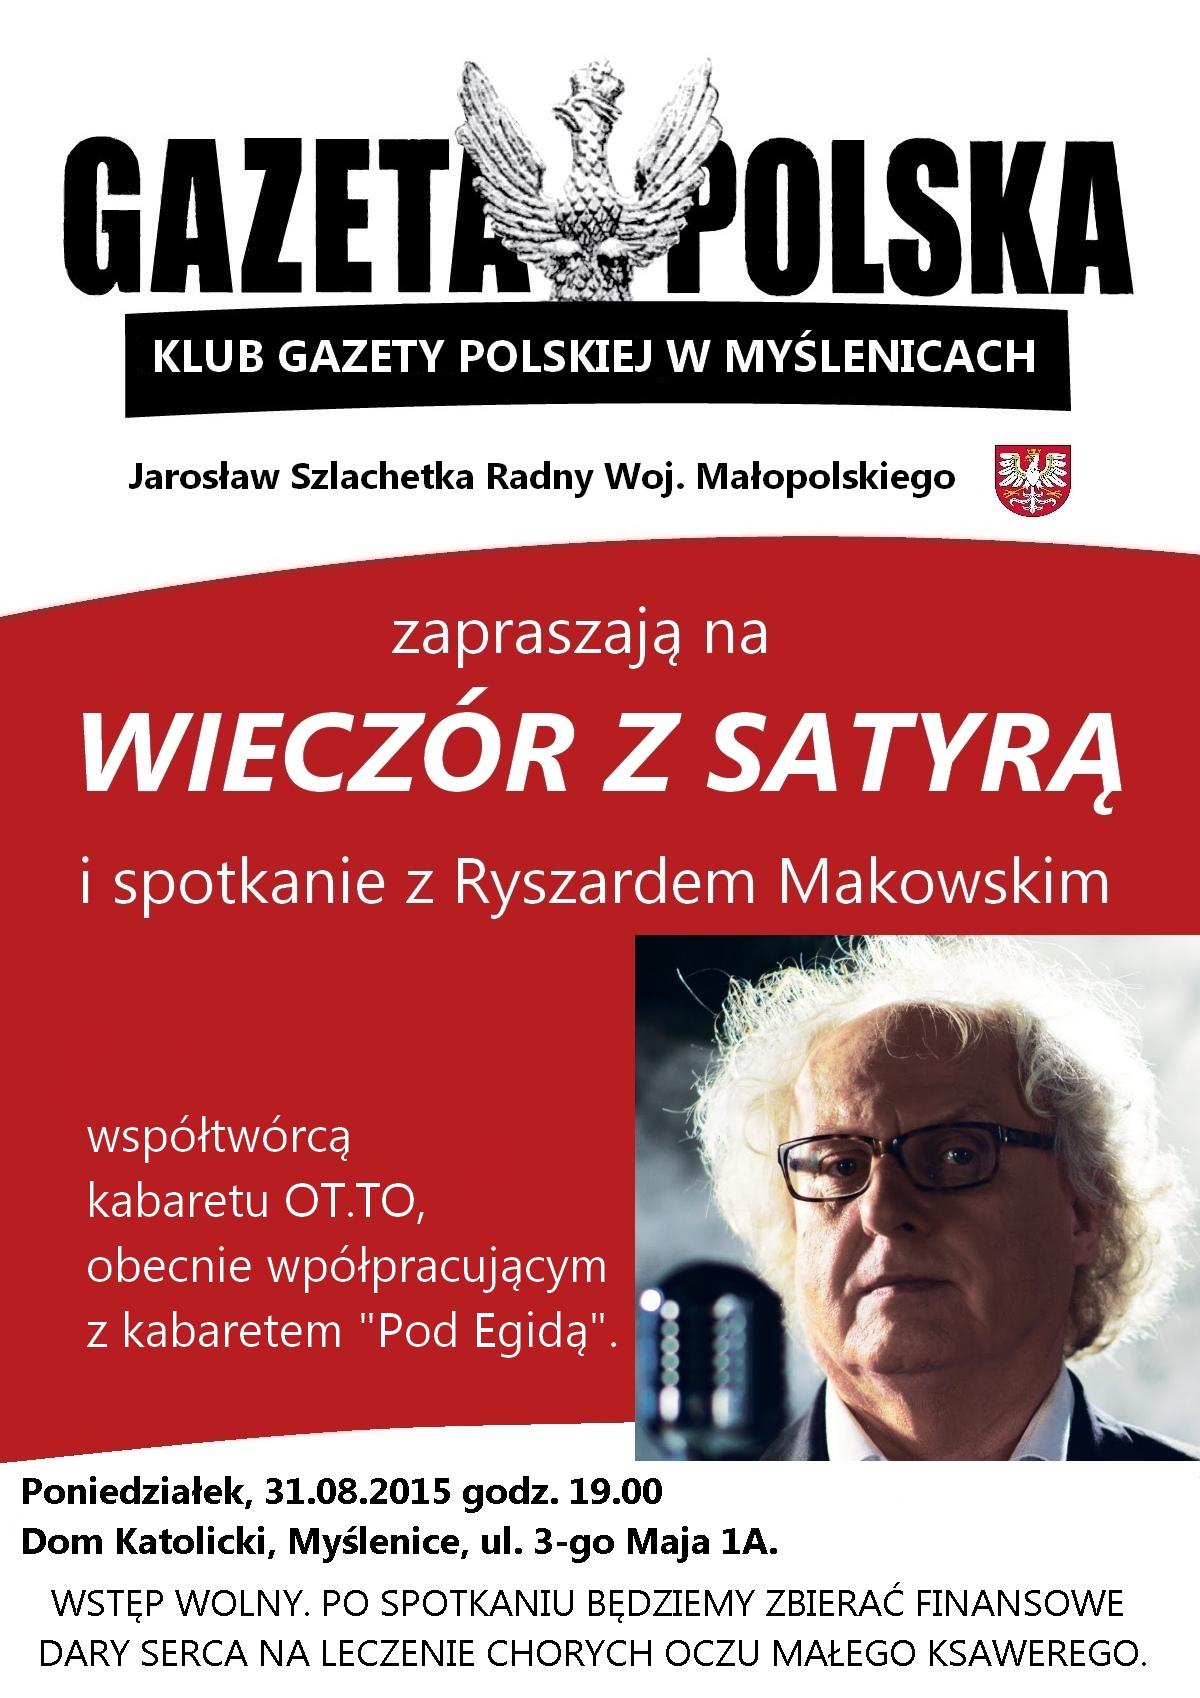 Myslenice - Makowiecki 2015